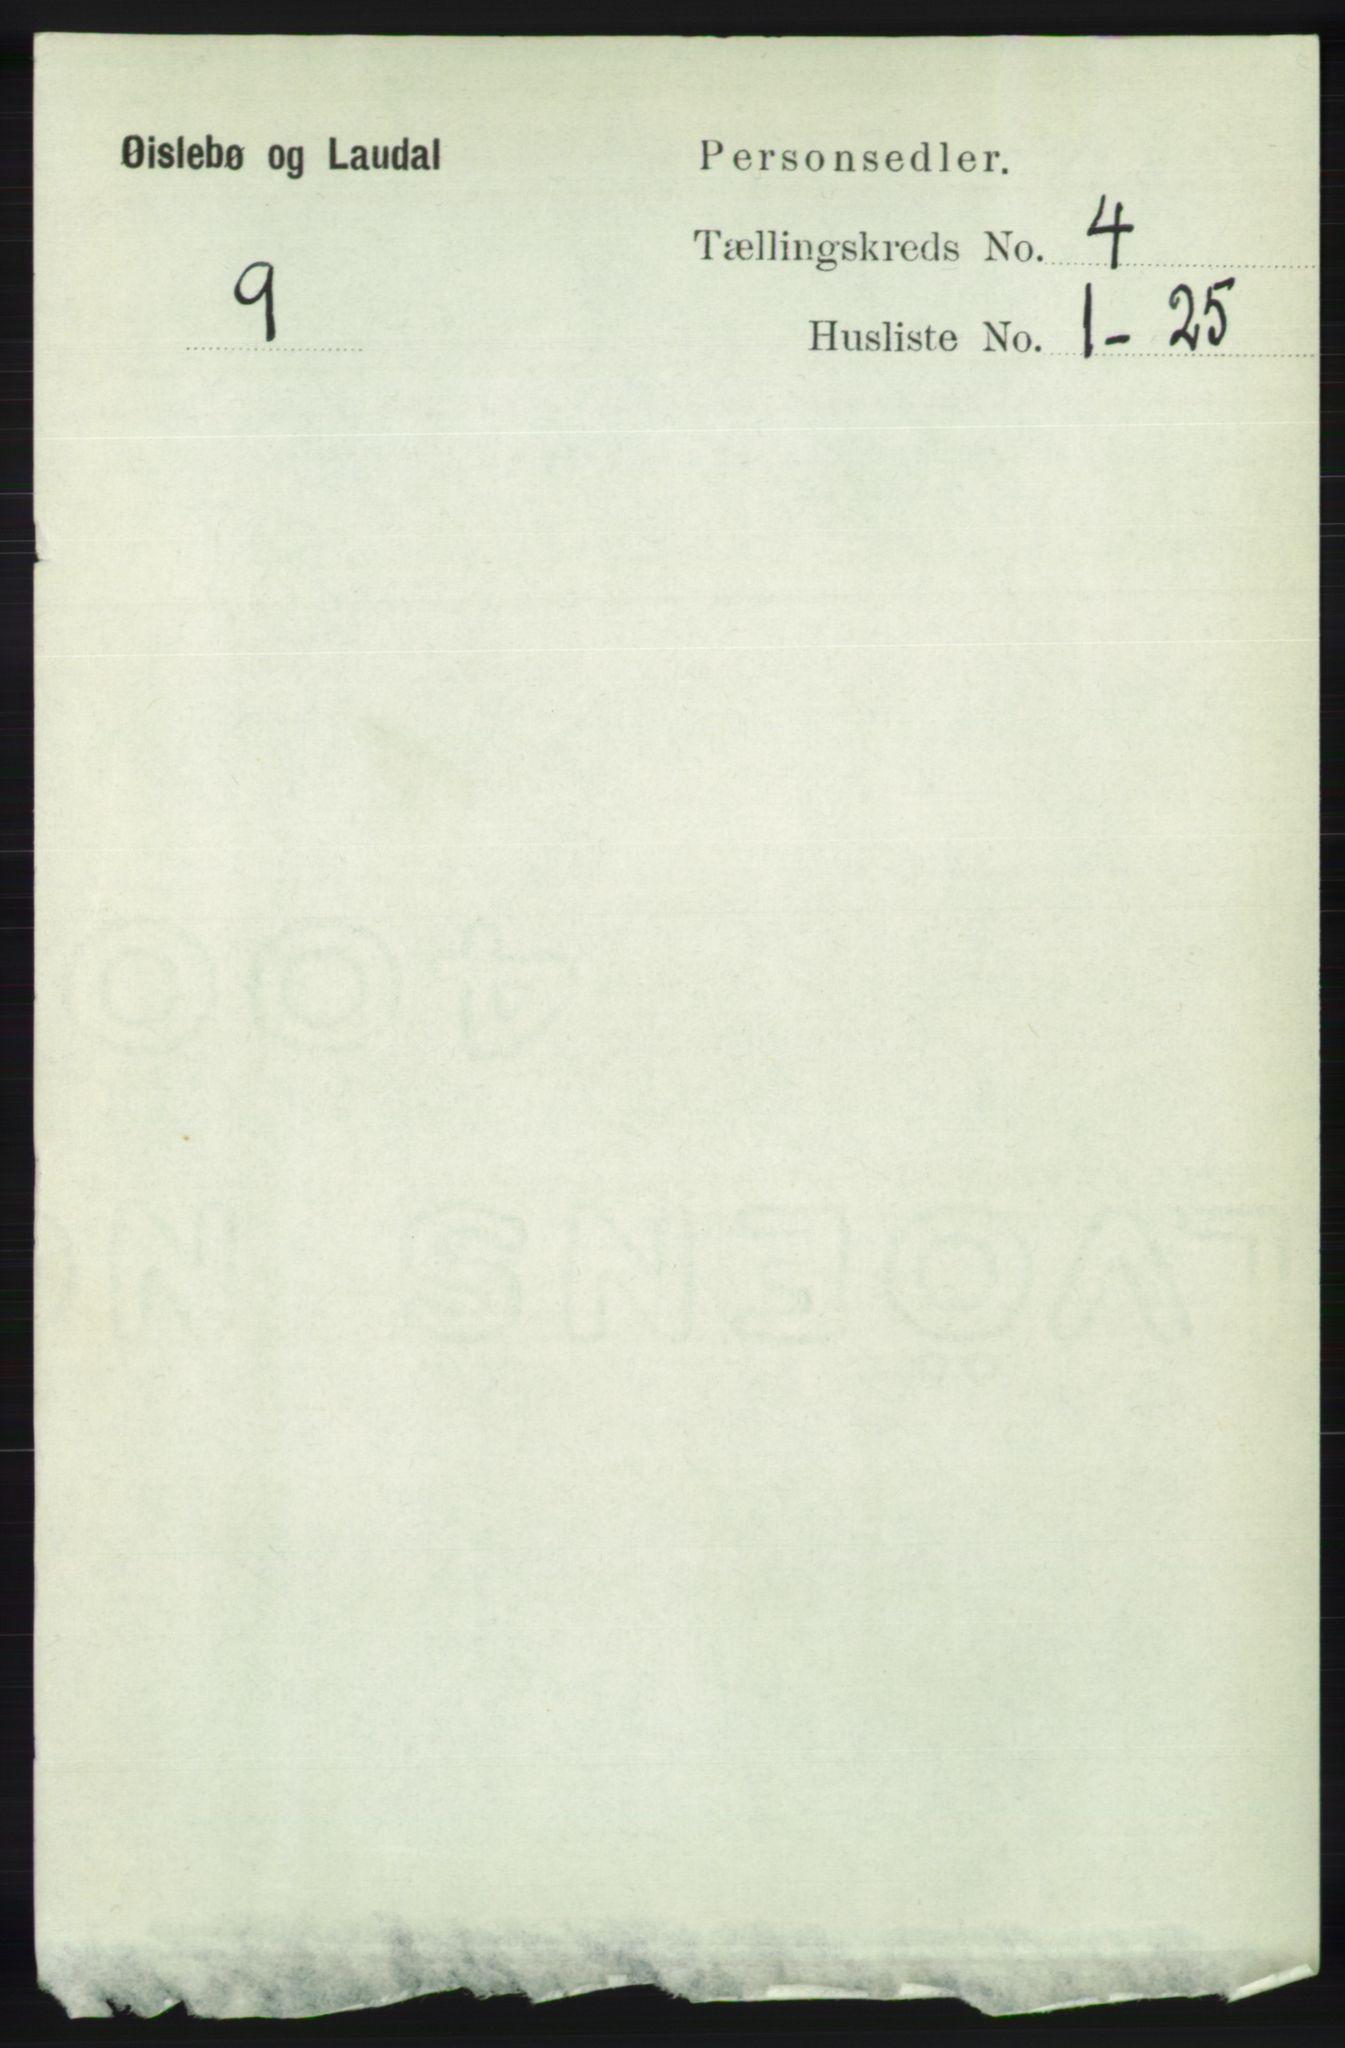 RA, Folketelling 1891 for 1021 Øyslebø og Laudal herred, 1891, s. 1006